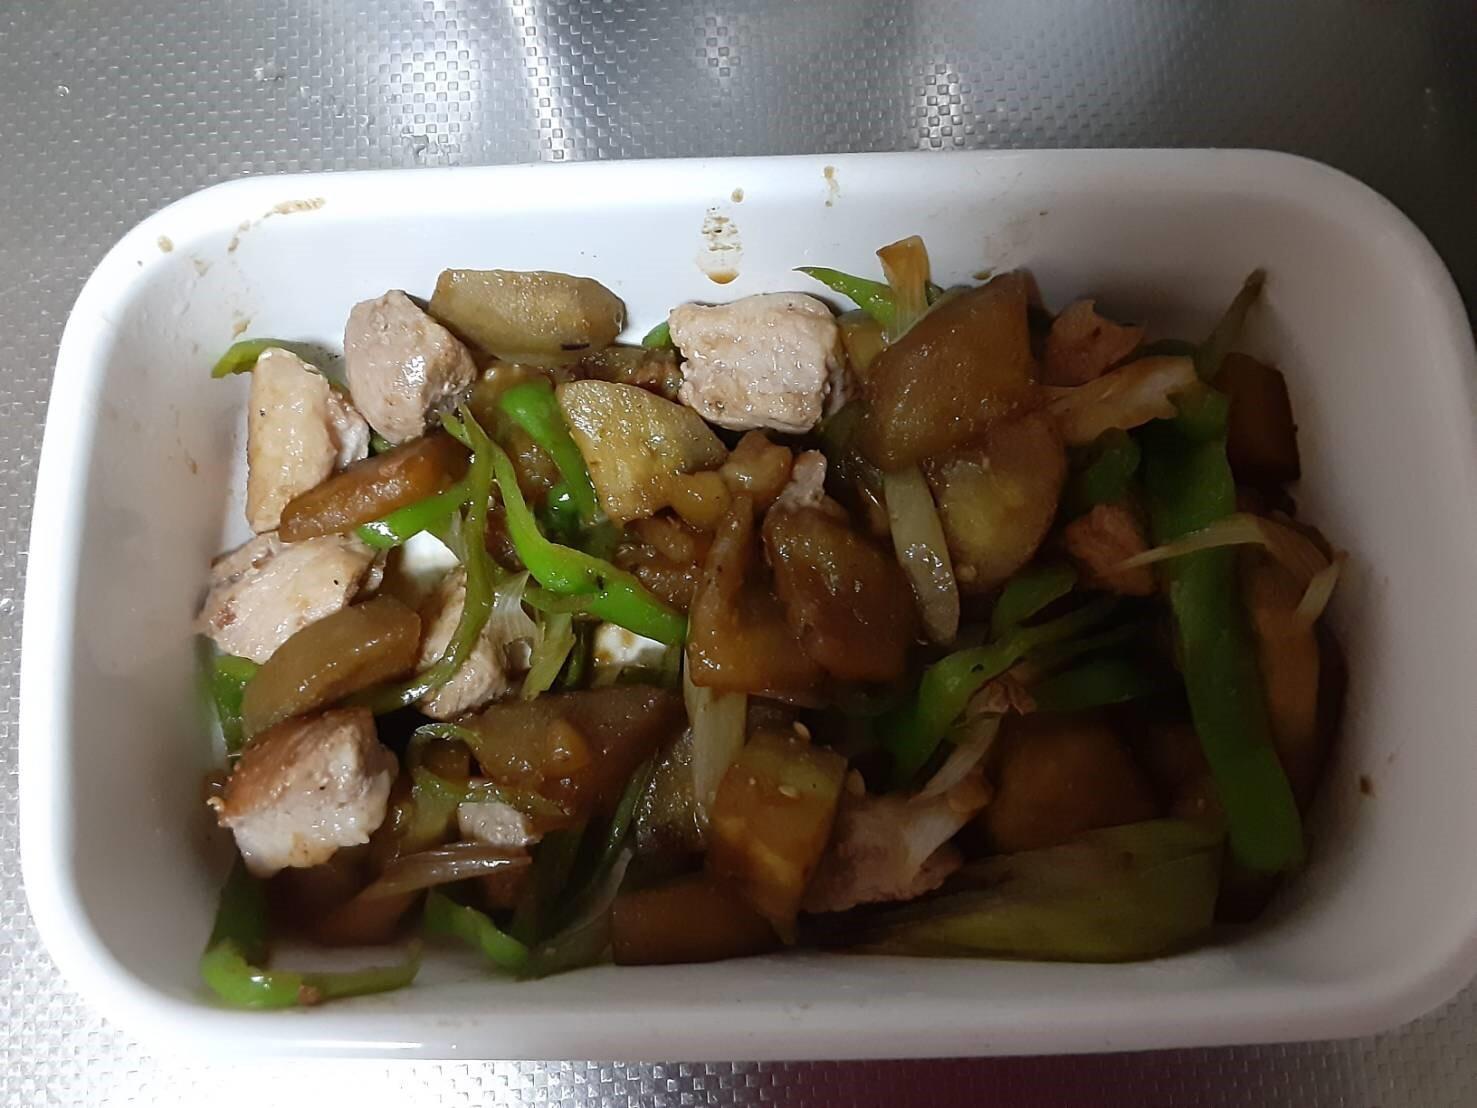 ナス、白ネギ、ピーマンの夏野菜炒め